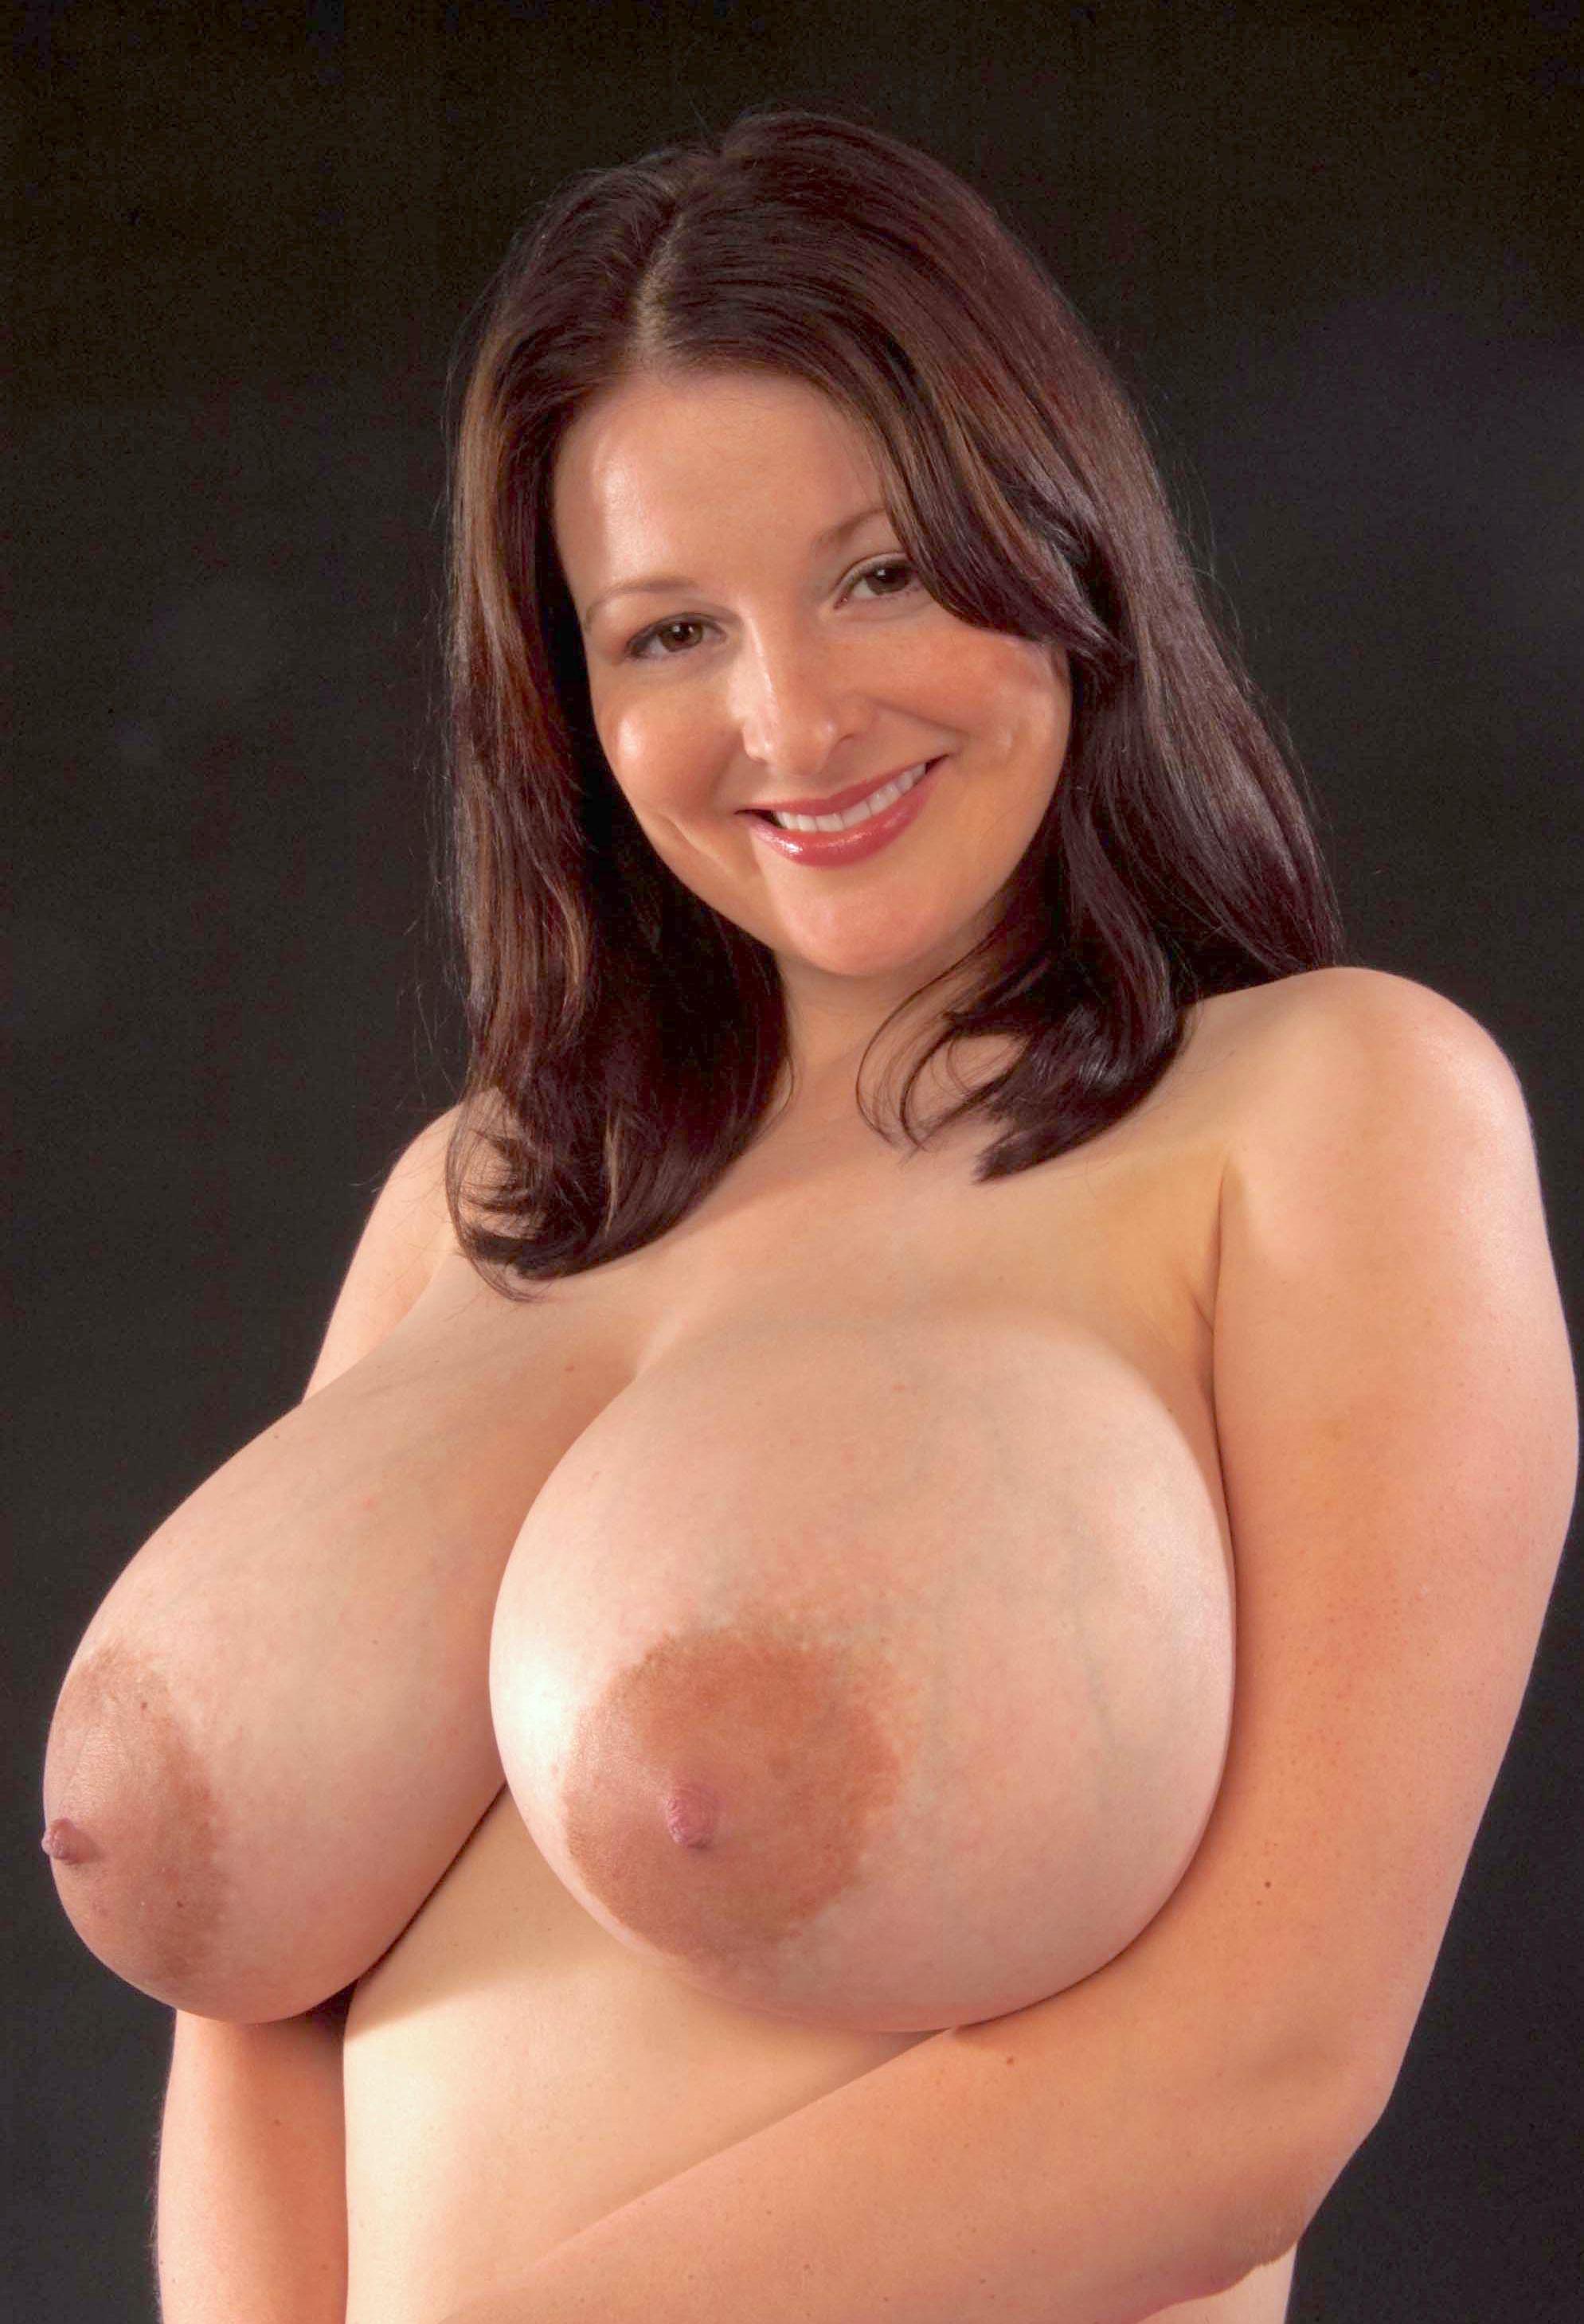 Большие сиськи женщин старше 30 лет 9 фото